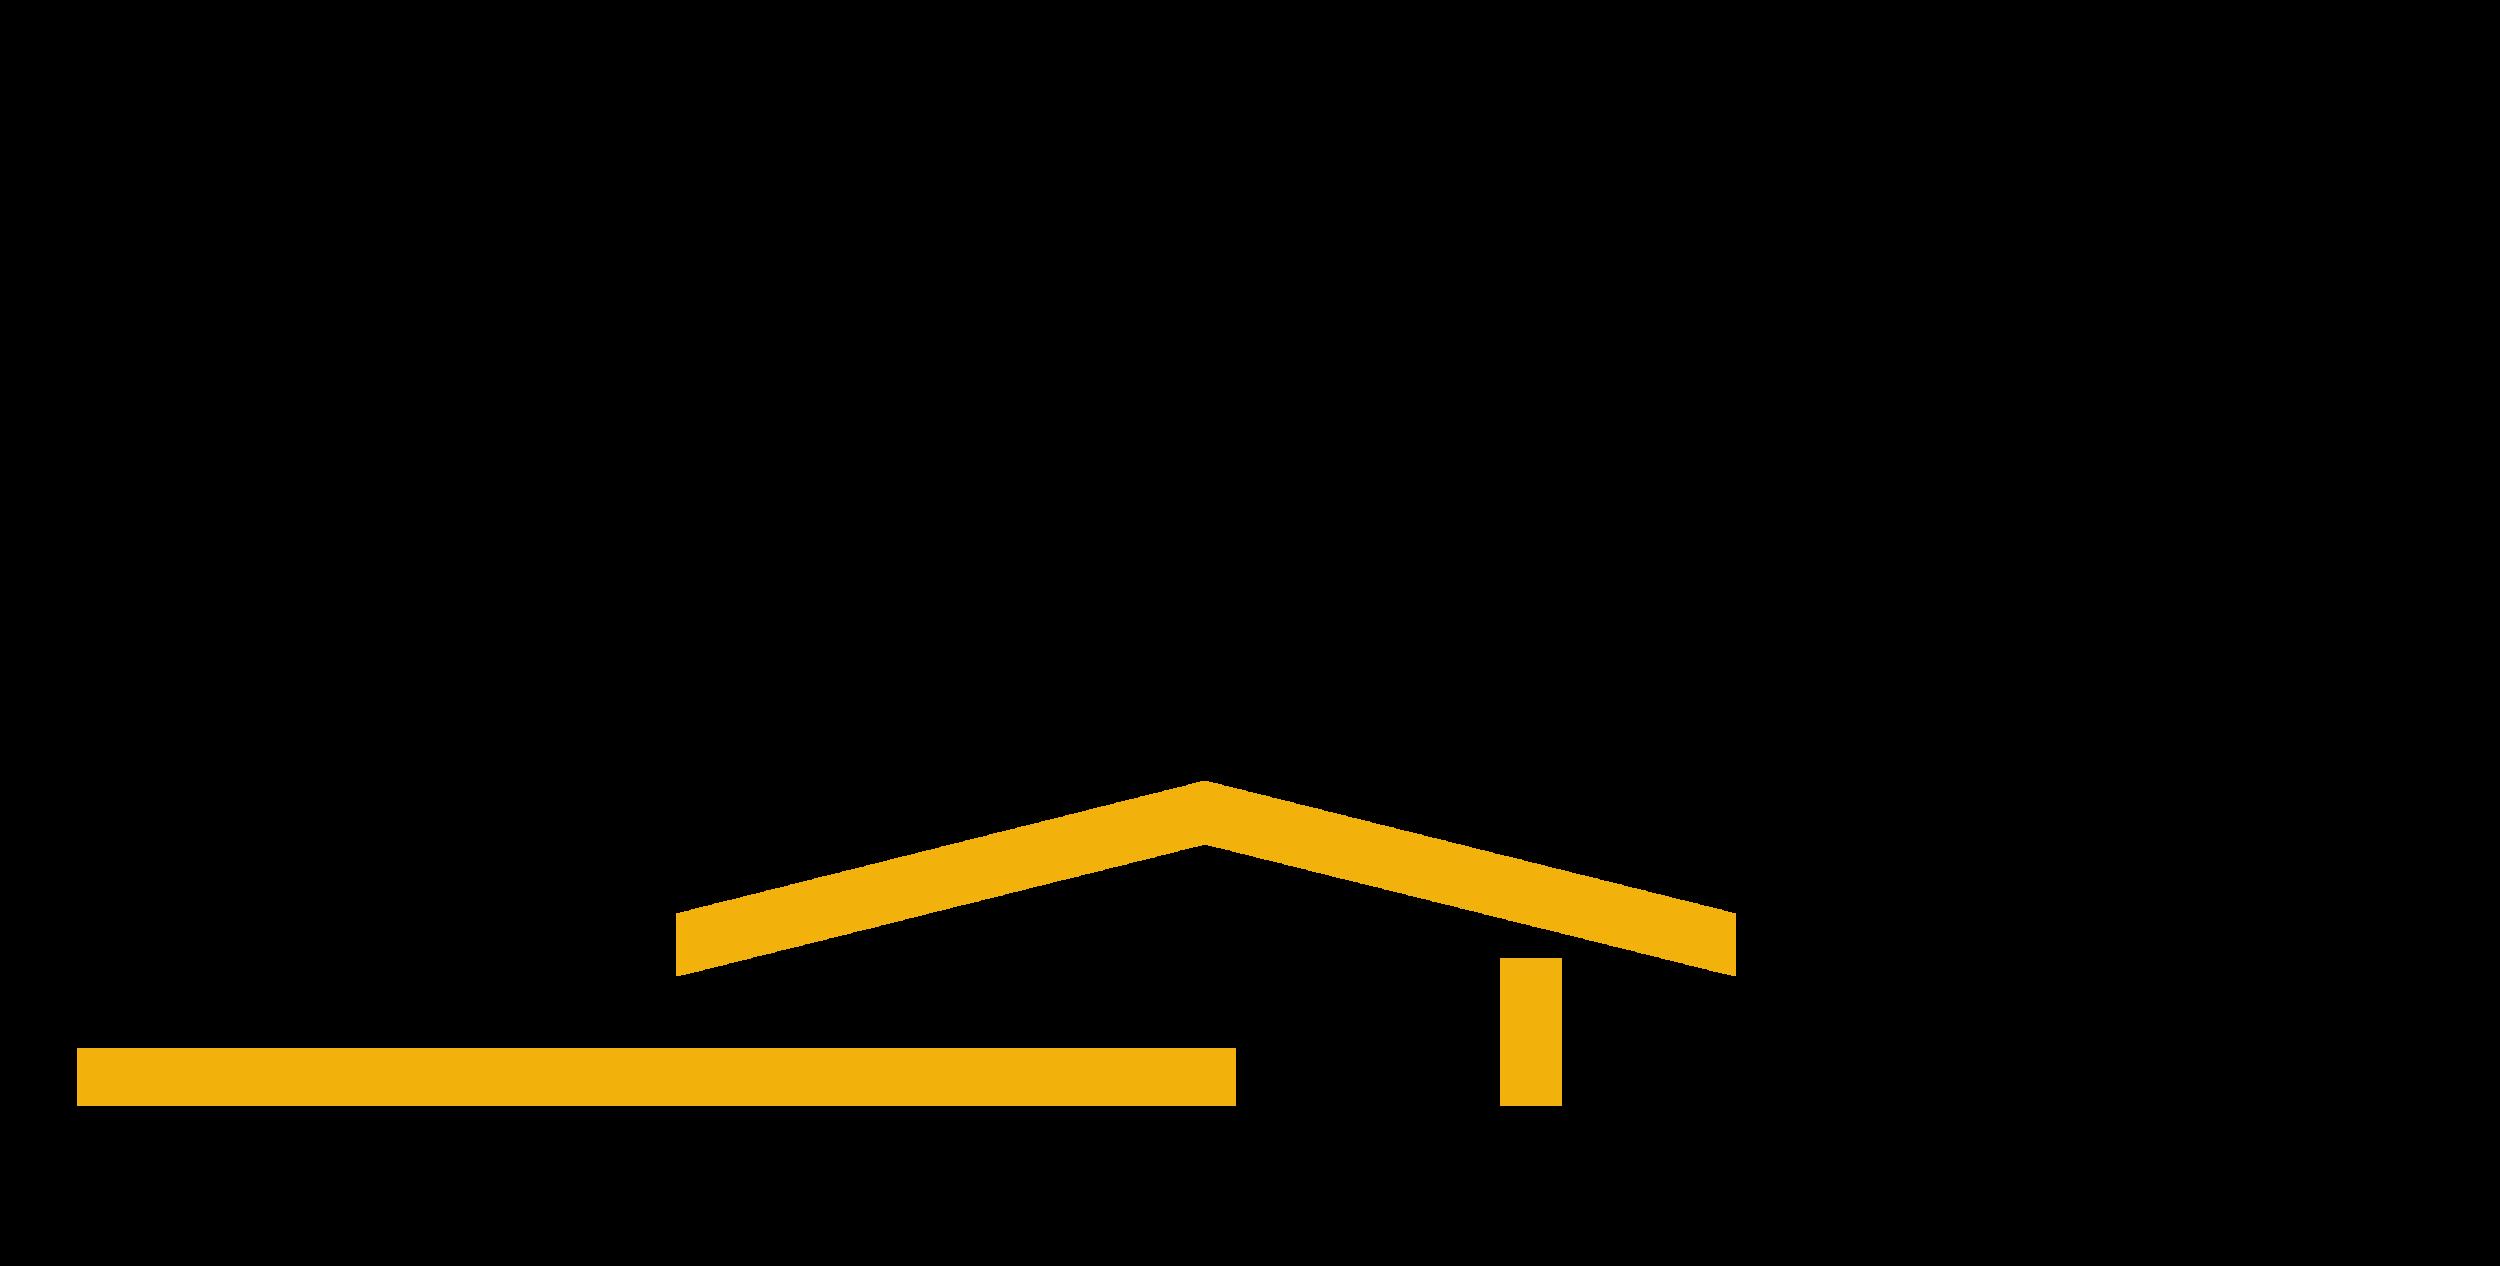 Century_21_logo_real_estate.png